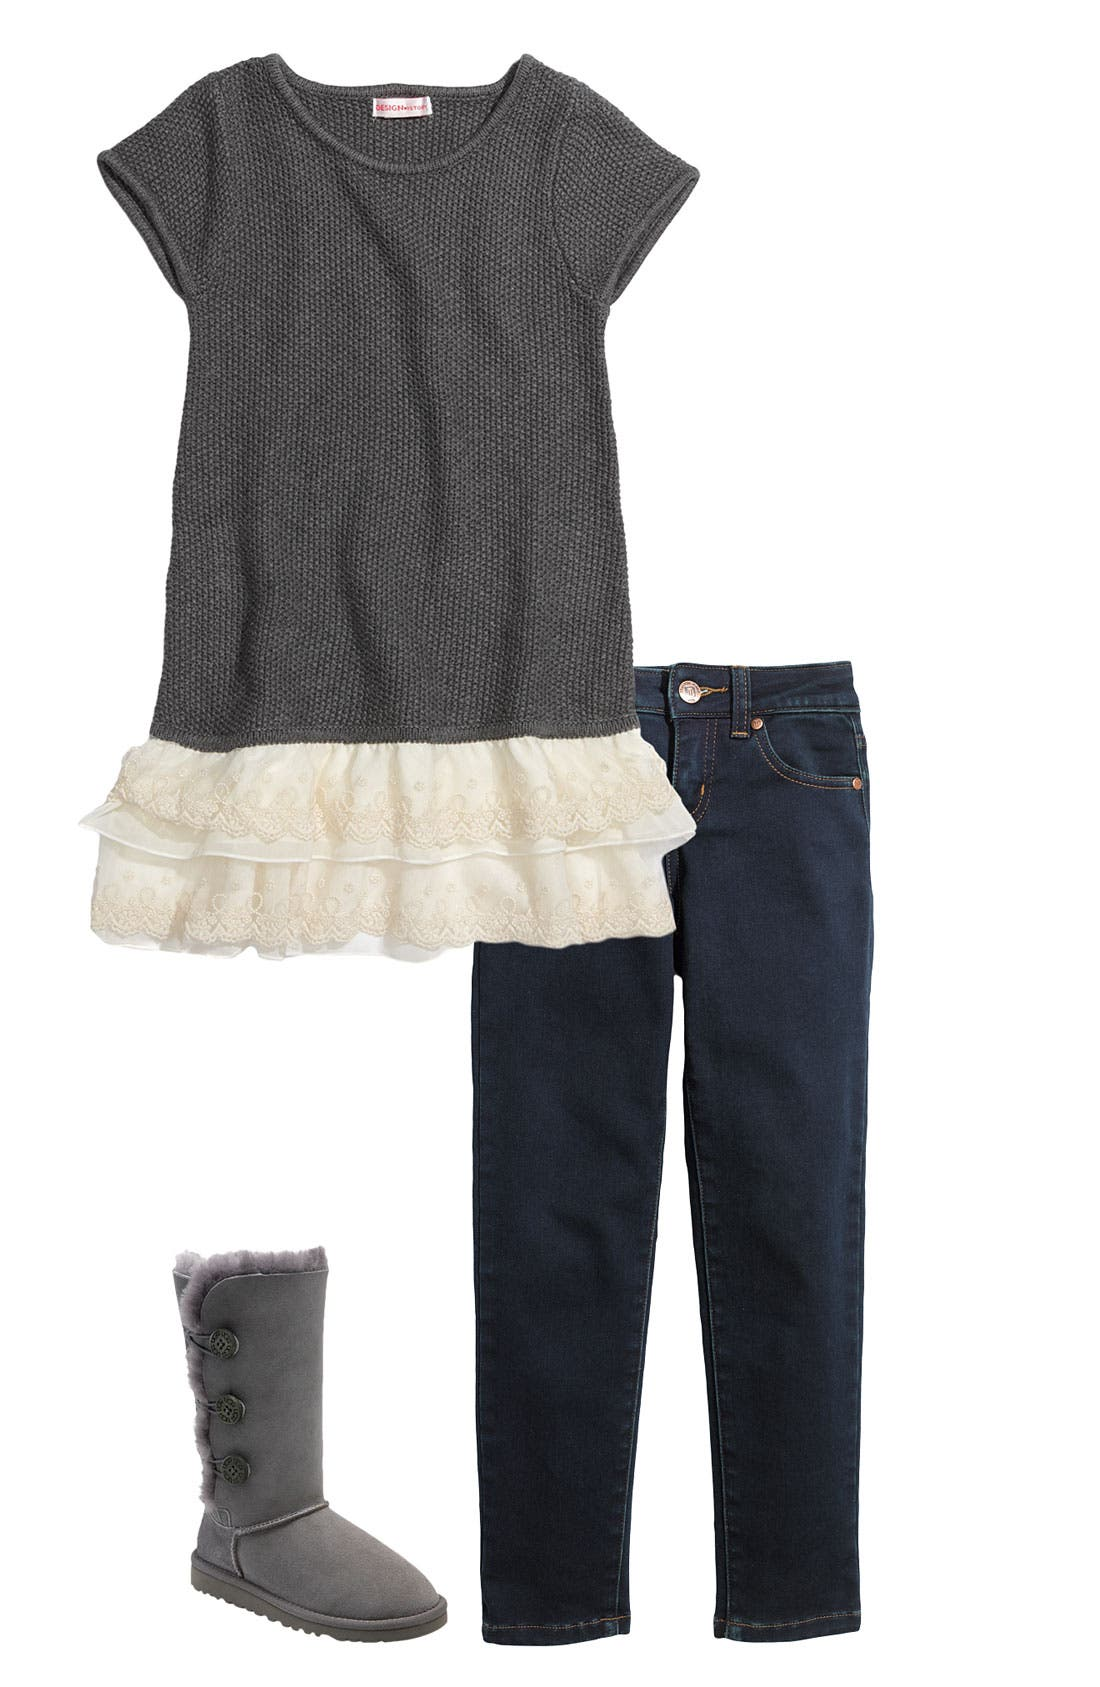 Alternate Image 1 Selected - Design History Sweater Dress & Tractor Leggings (Little Girls)